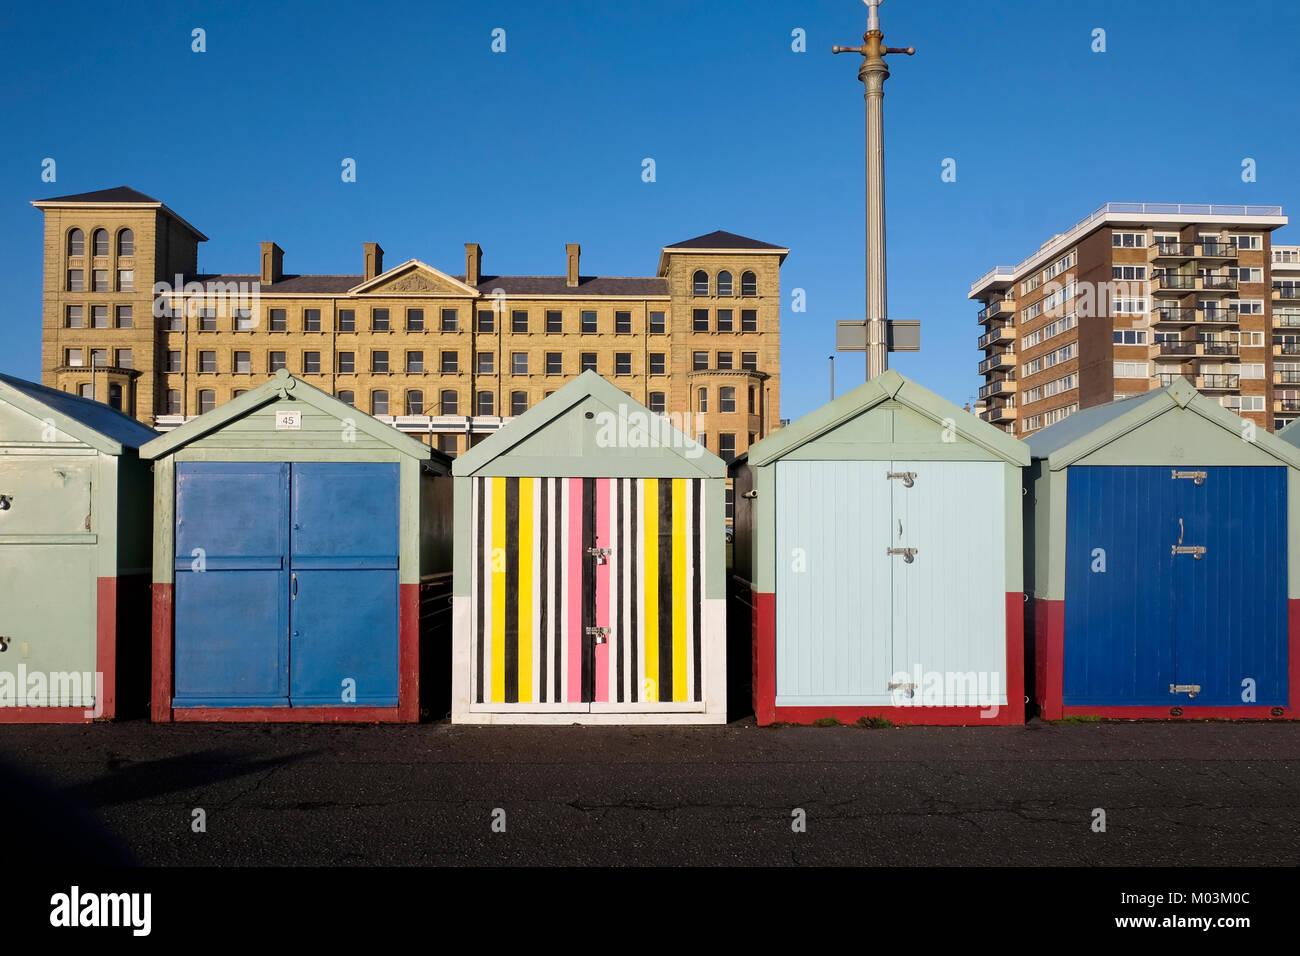 Brighton Seafront cinque cabine mare, quattro con il blu e il verde porte la quinta in medio ha un multi porta colorato Immagini Stock